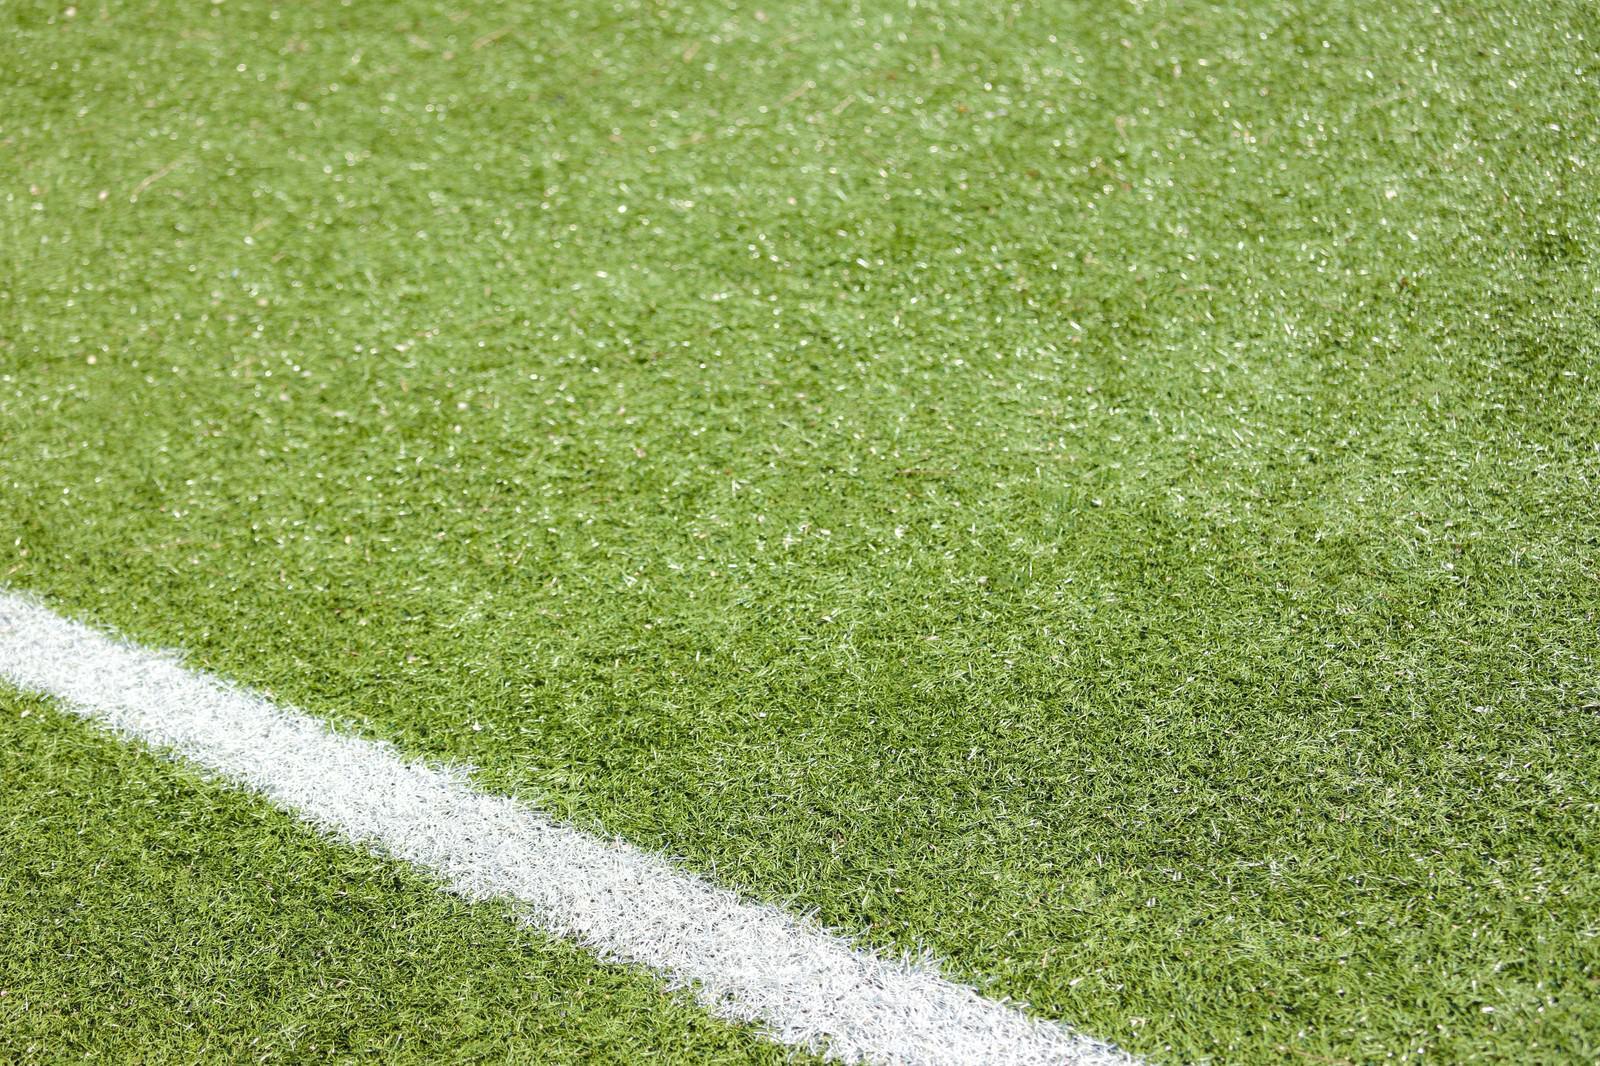 「その一線の先に・コート芝ライン | ぱくたそフリー素材」の写真